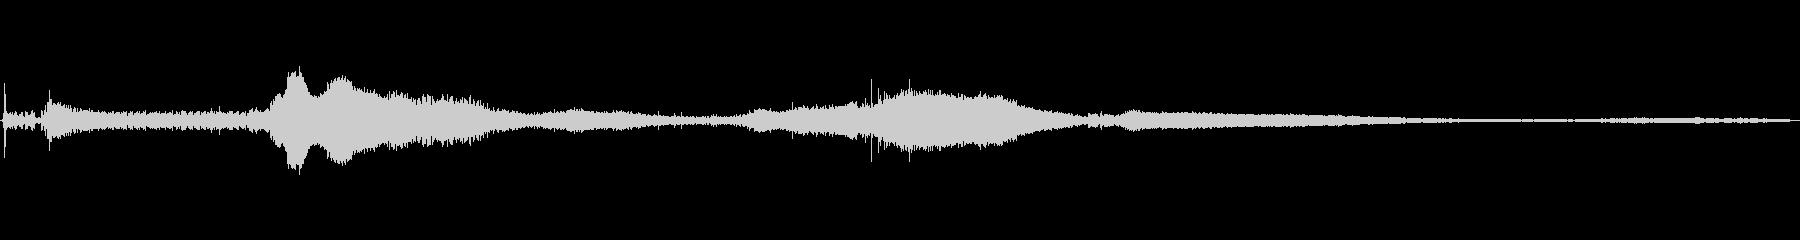 1978スバルDL:スタート、リバ...の未再生の波形